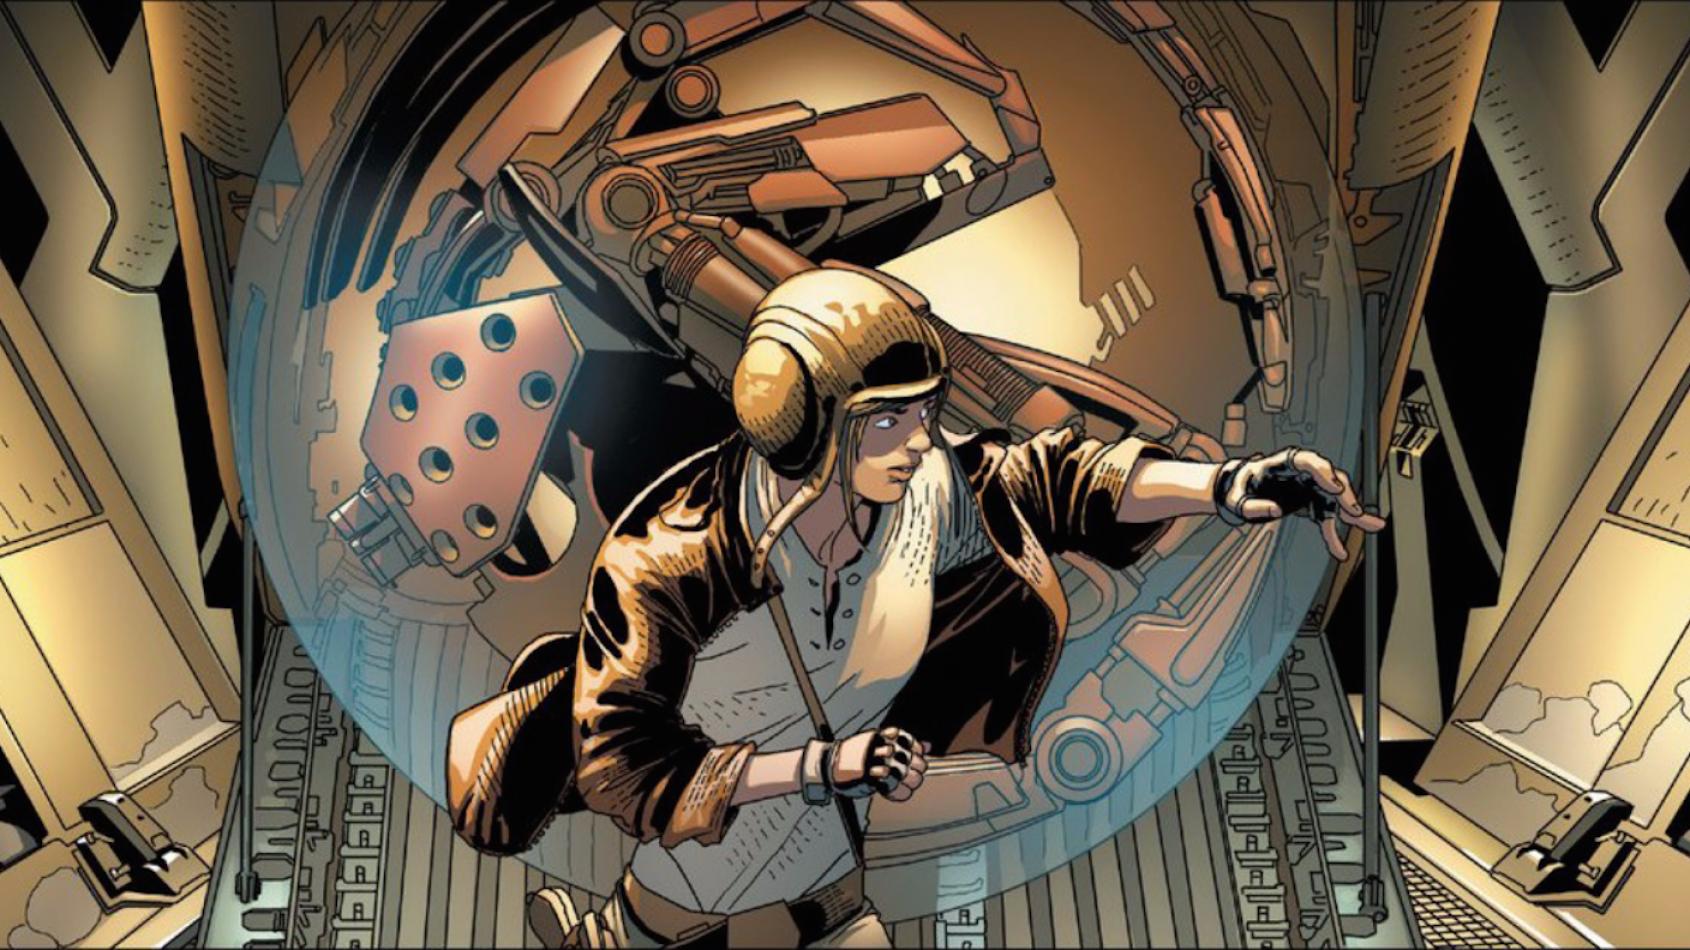 Le docteur Aphra, personnage central des nouveaux comics Marvel